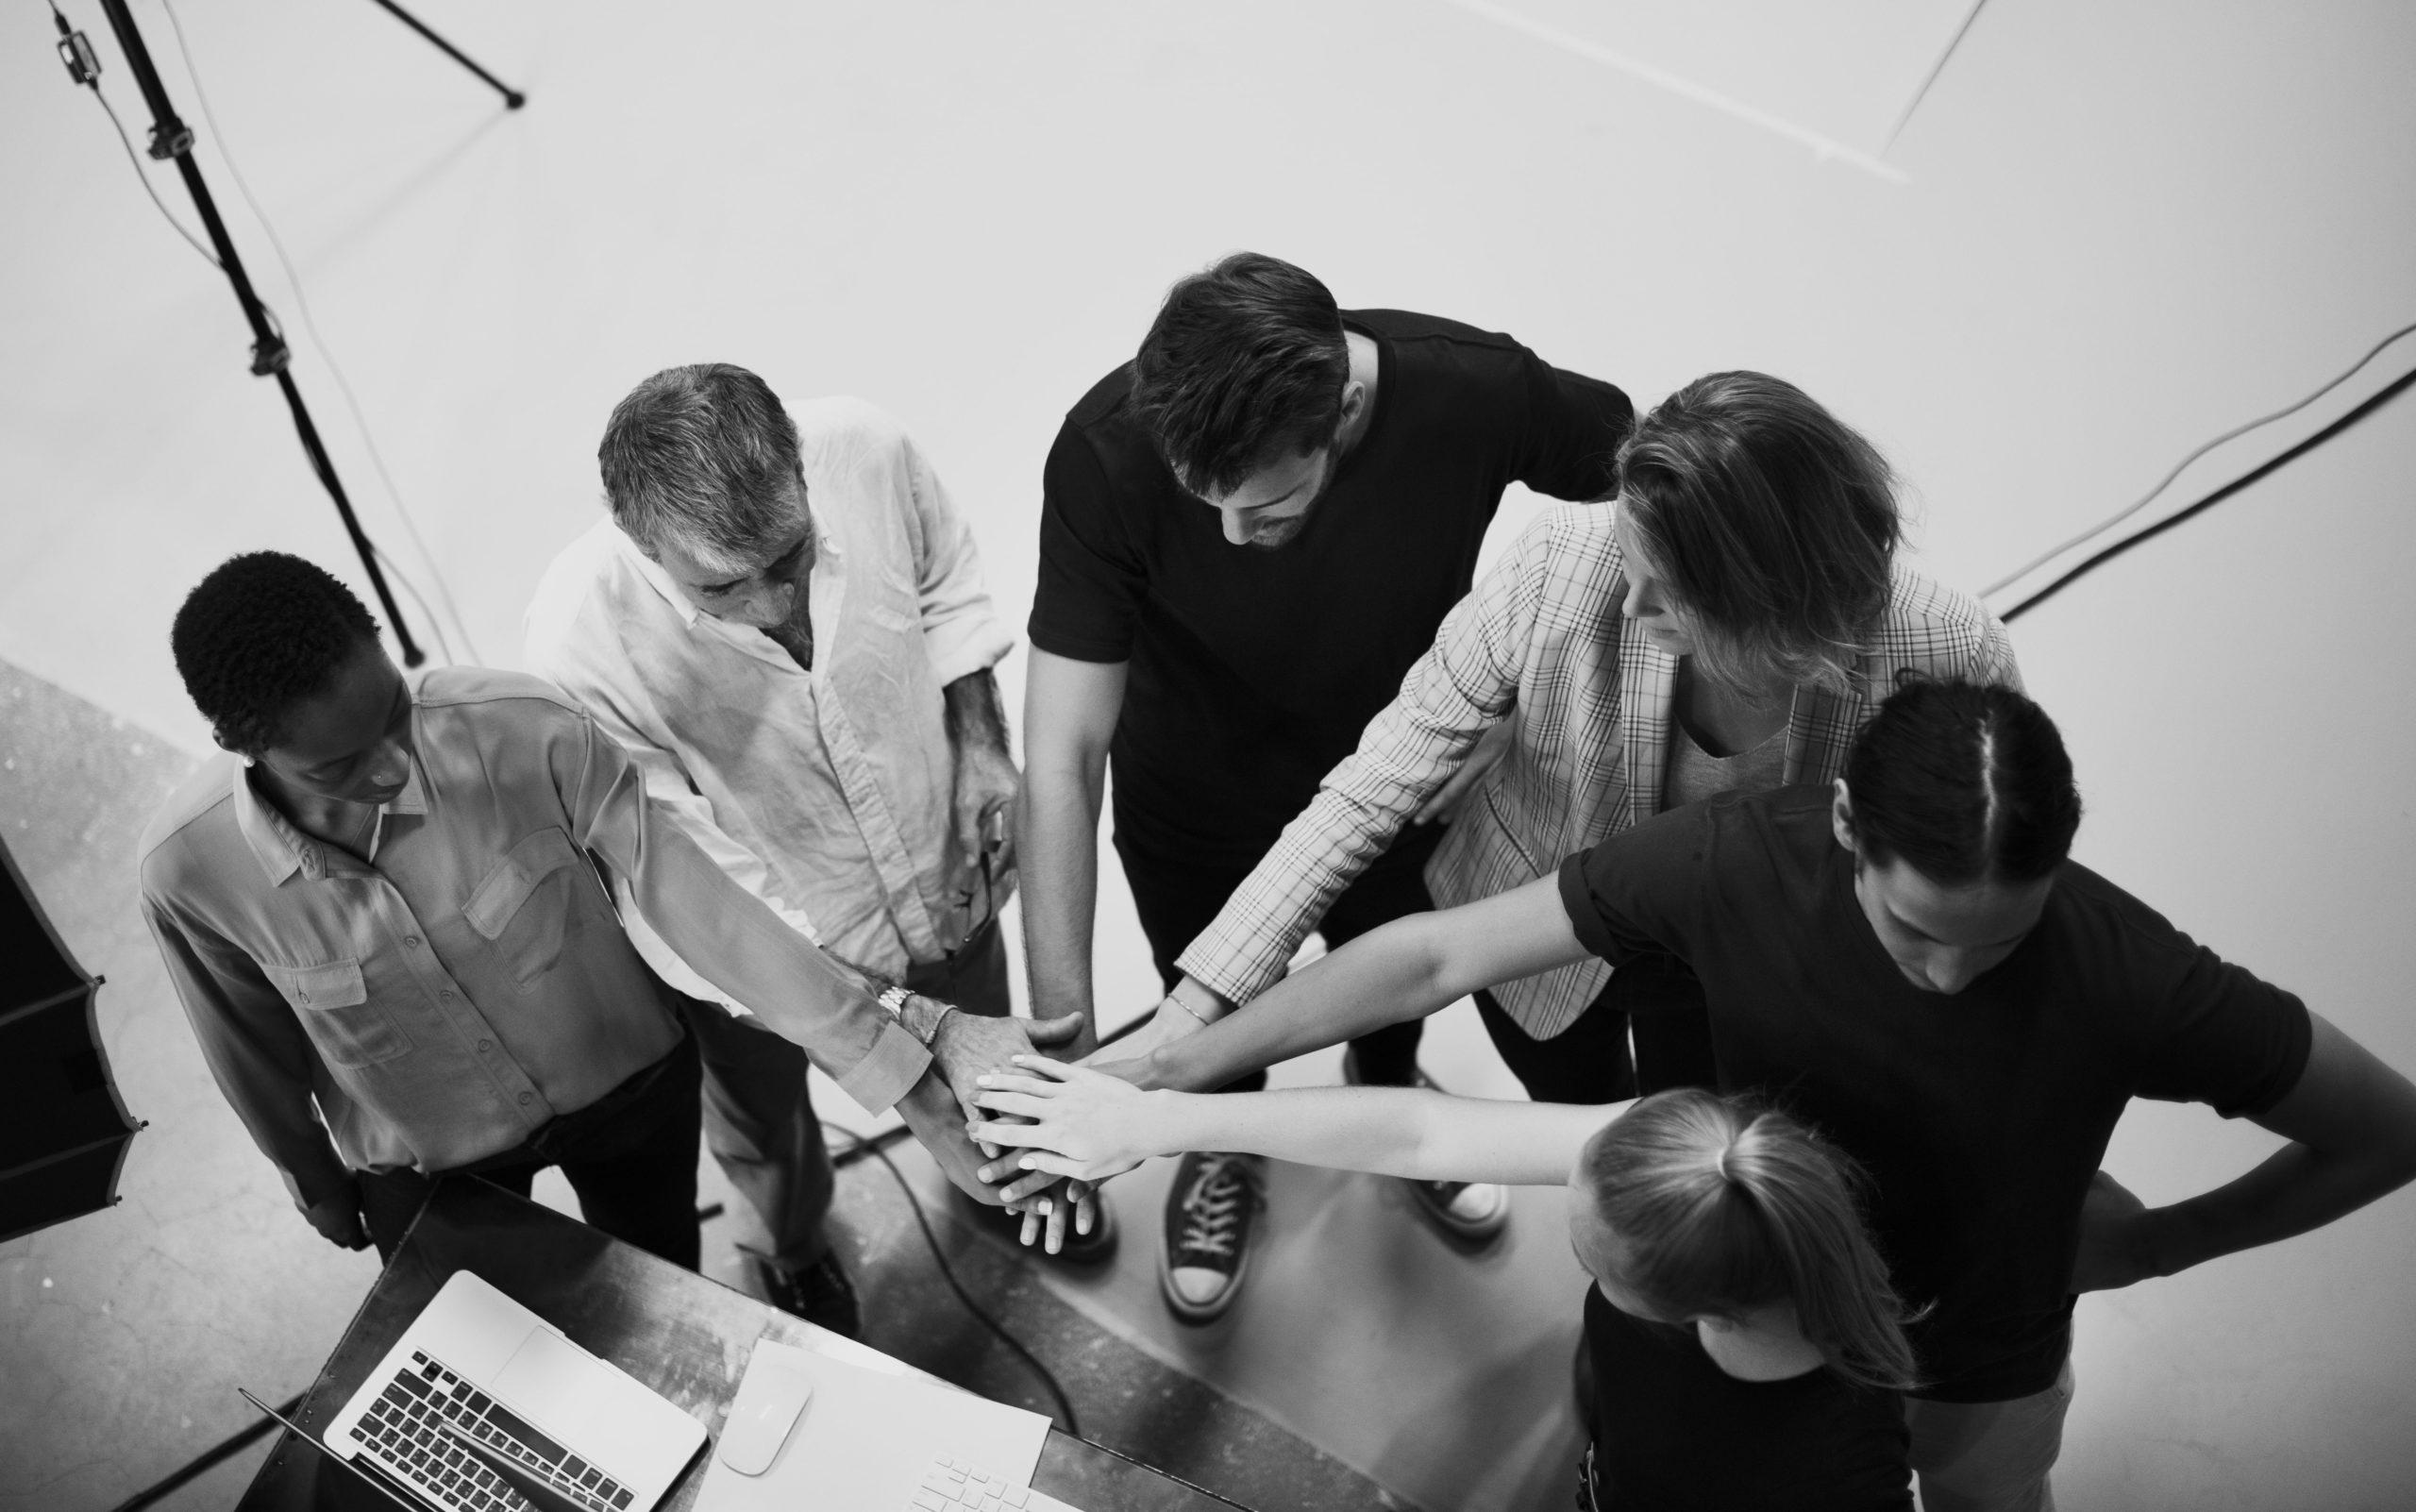 Image représentant un groupe de gens les mains les unes sur les autres en signe de solidarité: notre principale valeur.